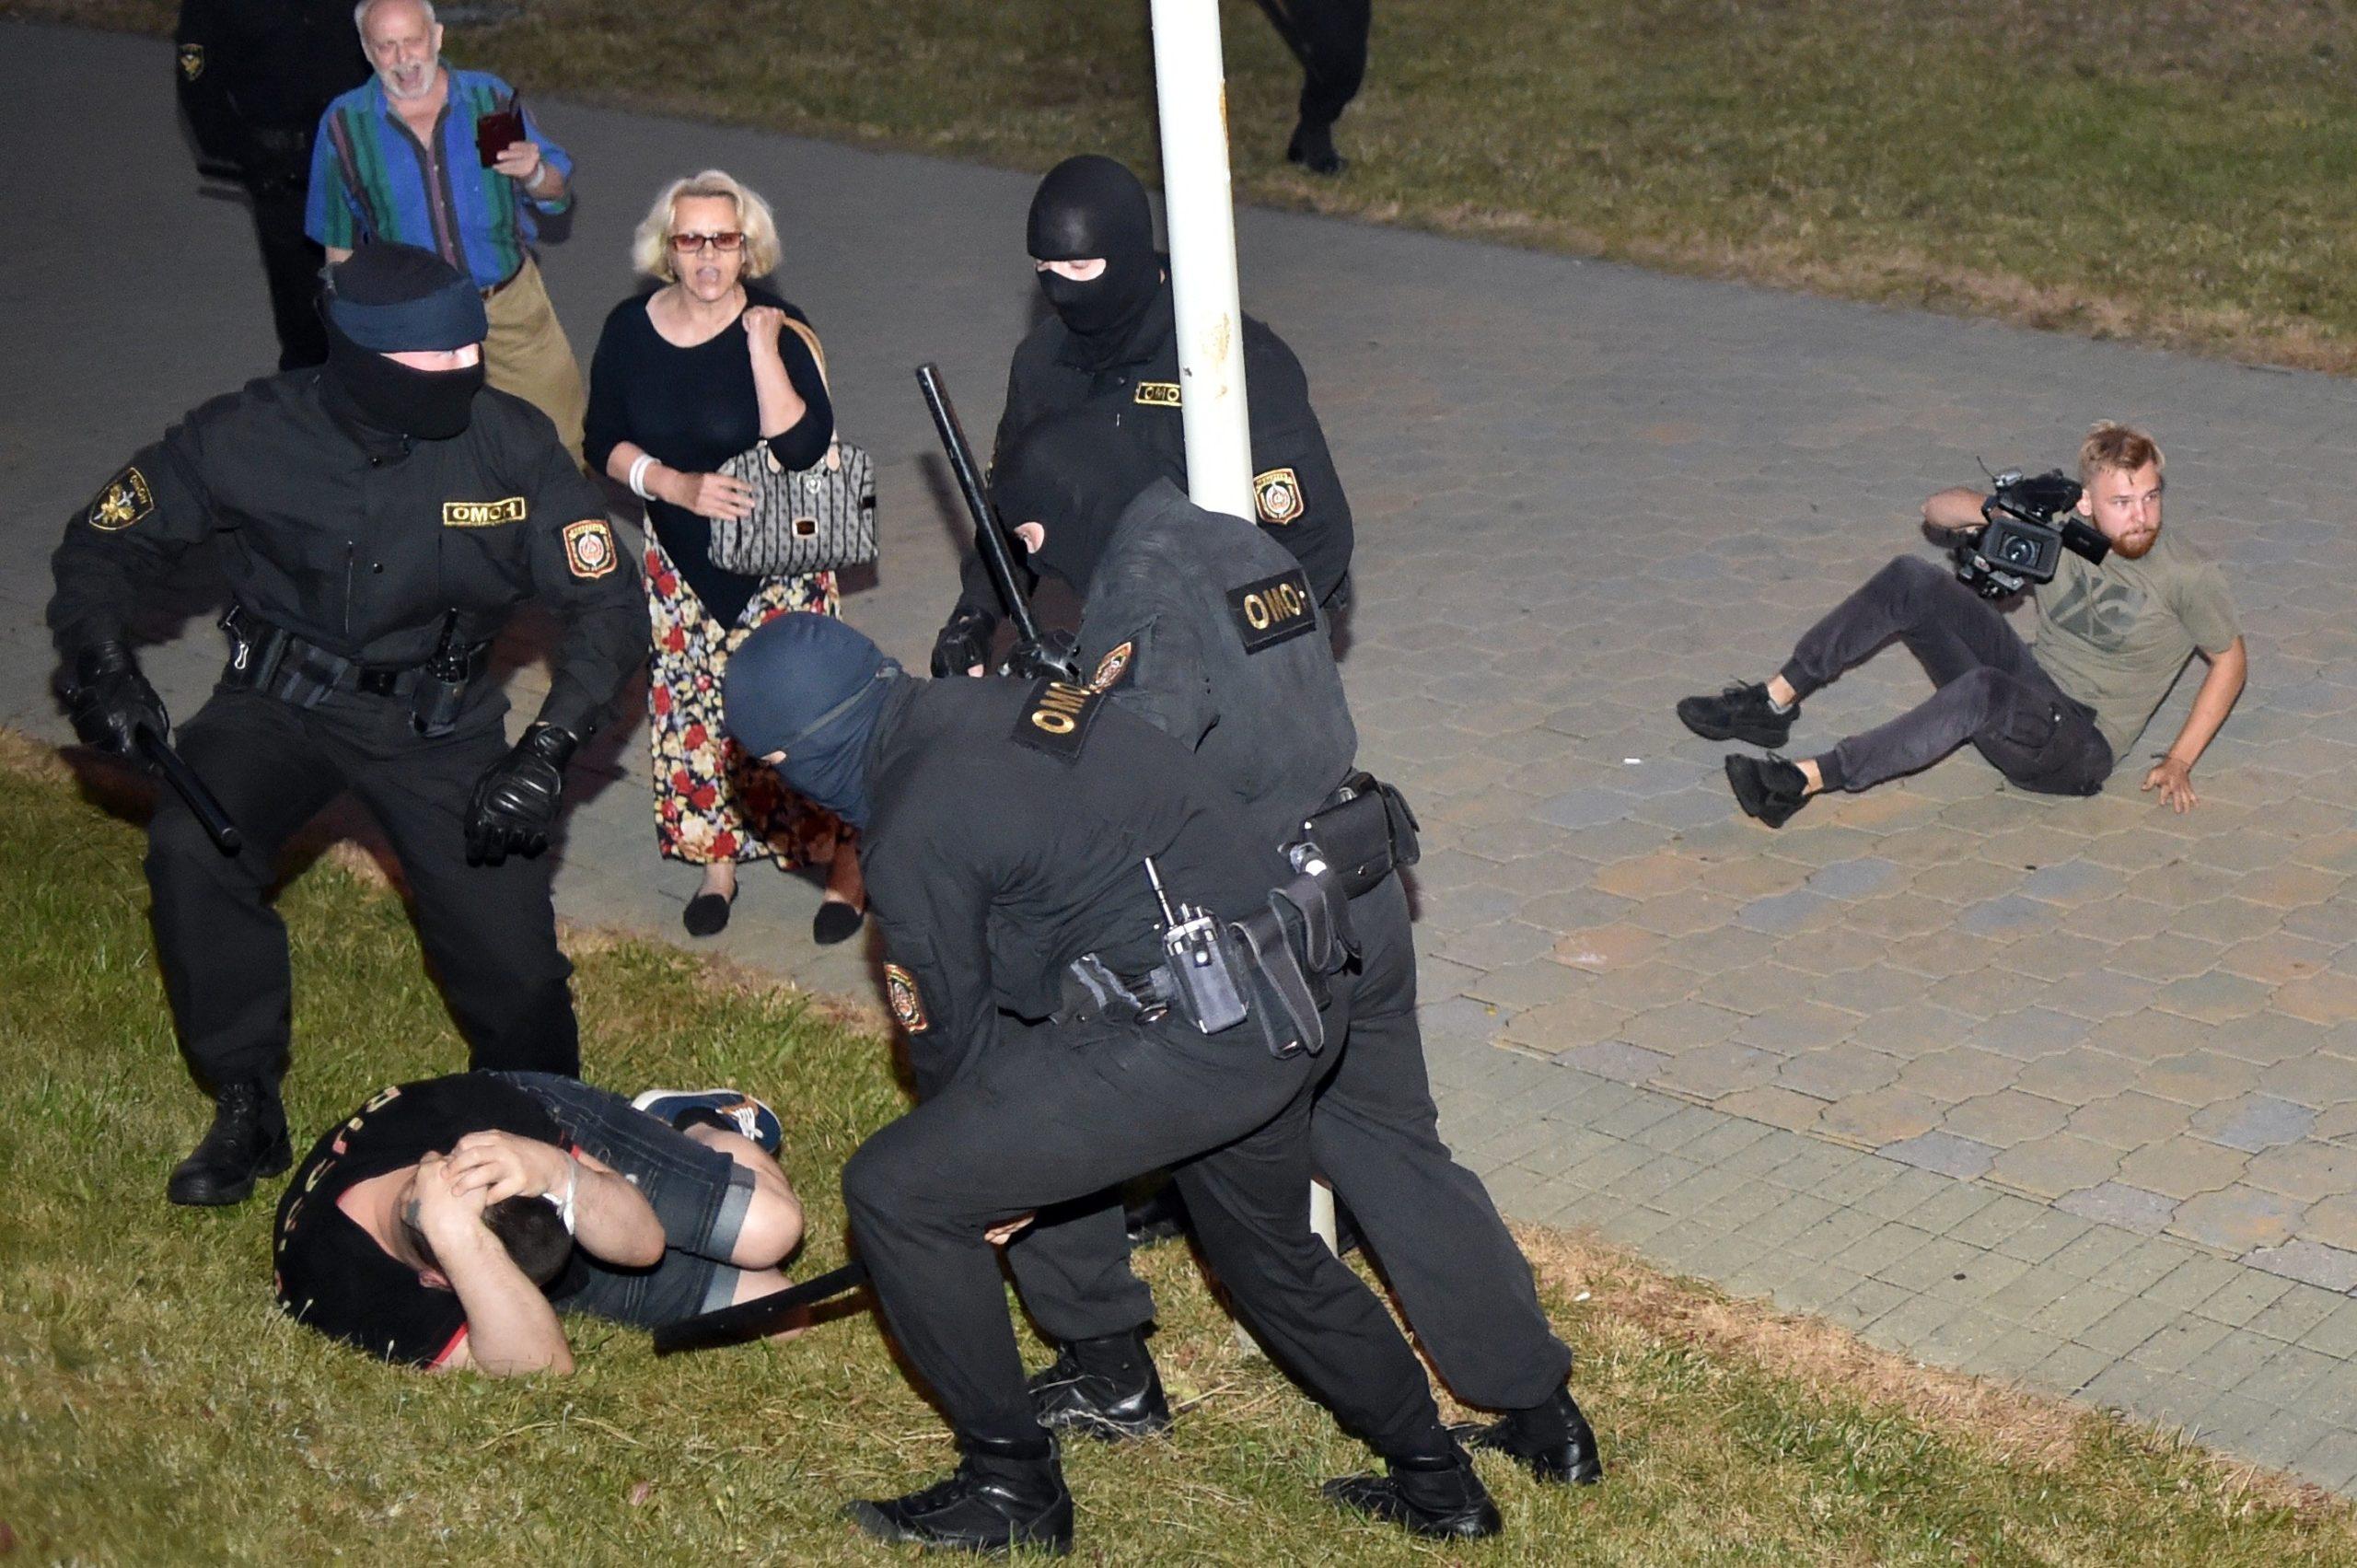 Hoa Kỳ đóng băng tài sản nhiều quan chức Belarus vì gian lận bầu cử ở nước này